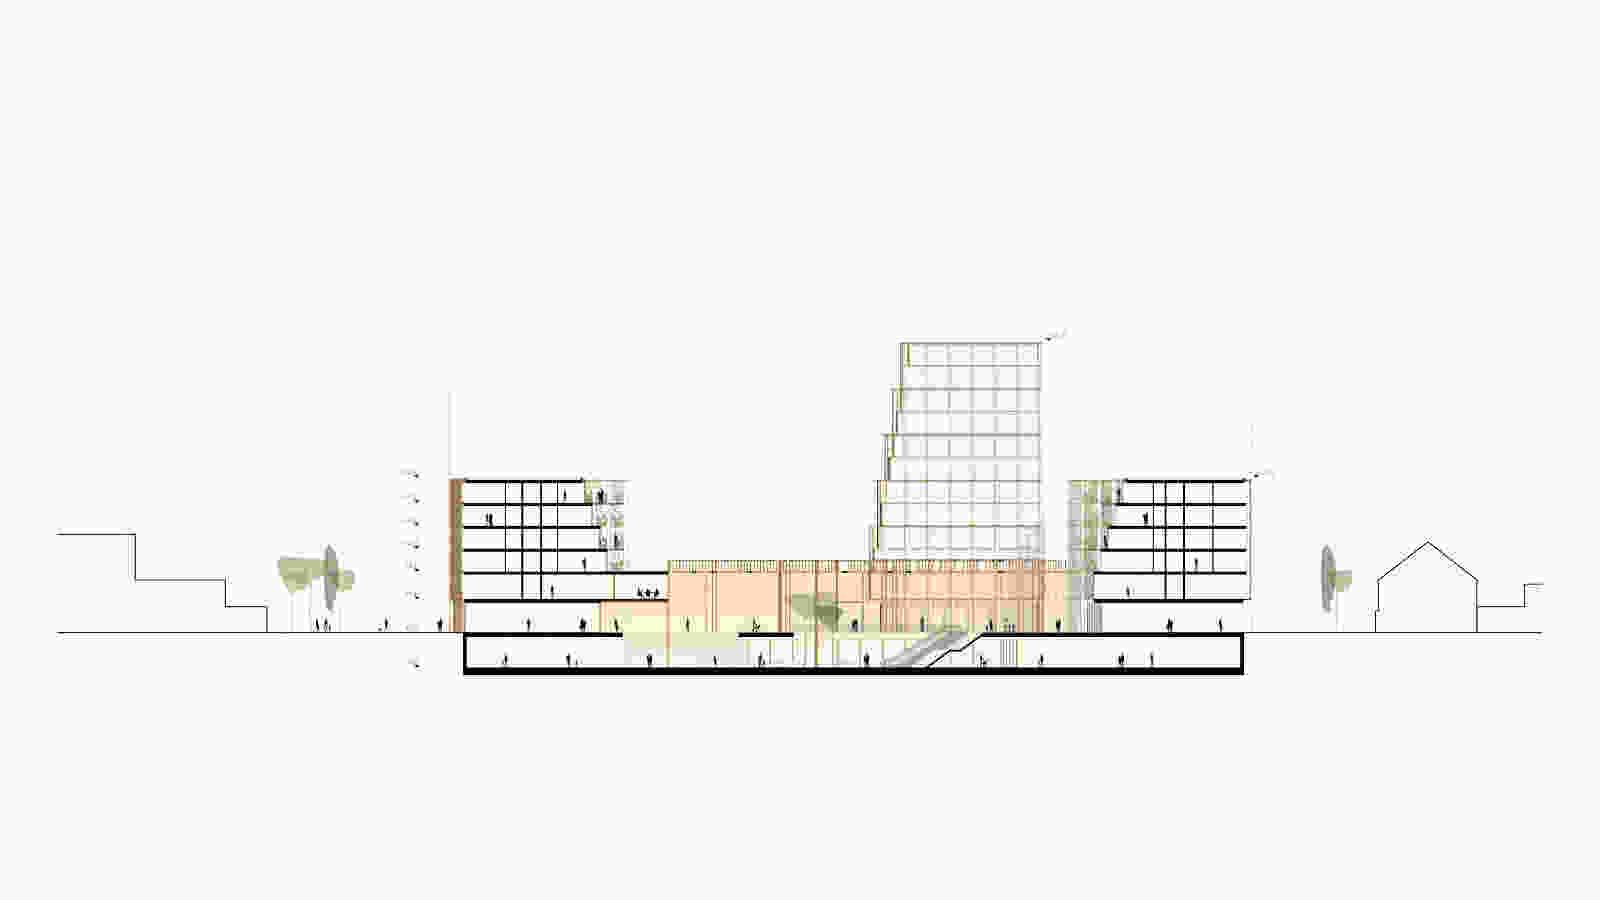 481 dmaa NE Umarkt Bielefeld plan 02 section A A